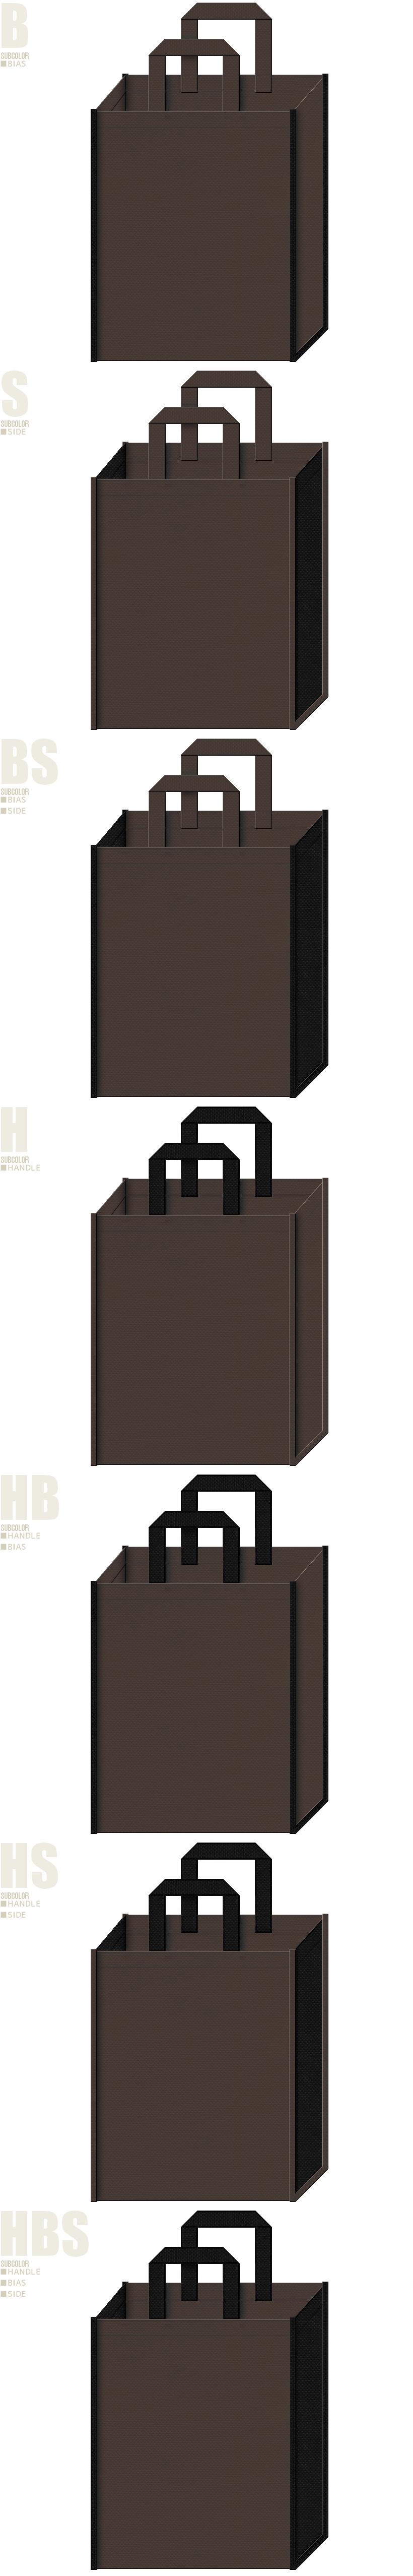 忍者・武芸・道場・お城イベント・ミステリー・ホラー・シューティングゲーム・対戦型格闘ゲーム・ゲームイベント・ゲームの展示会用バッグにお奨めの不織布バッグデザイン:こげ茶色と黒色の配色7パターン